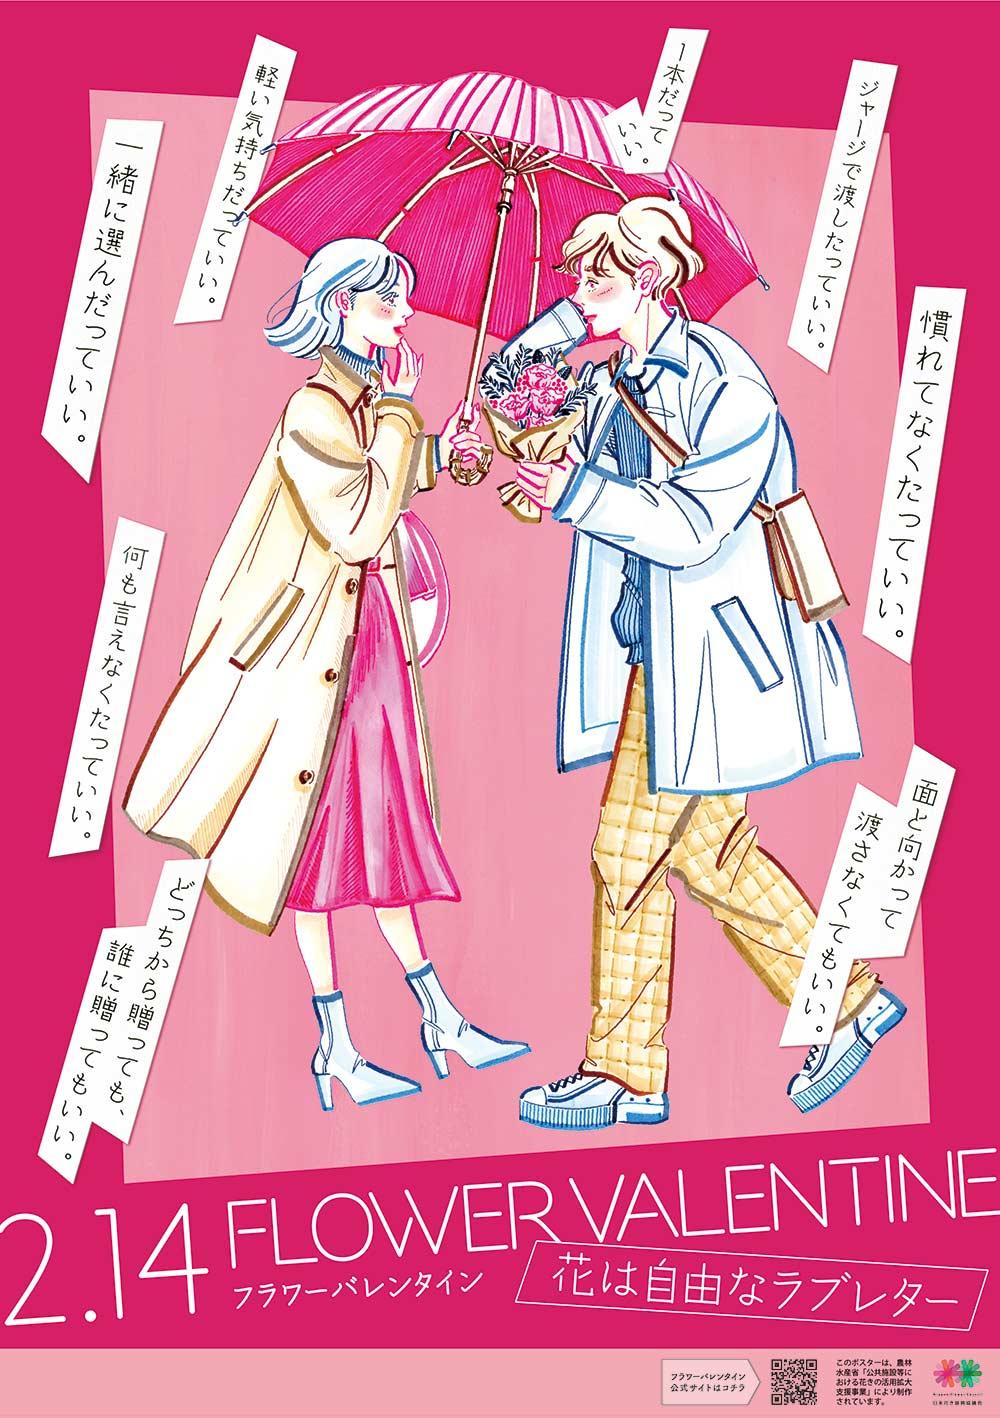 フラワーバレンタイン ポスター